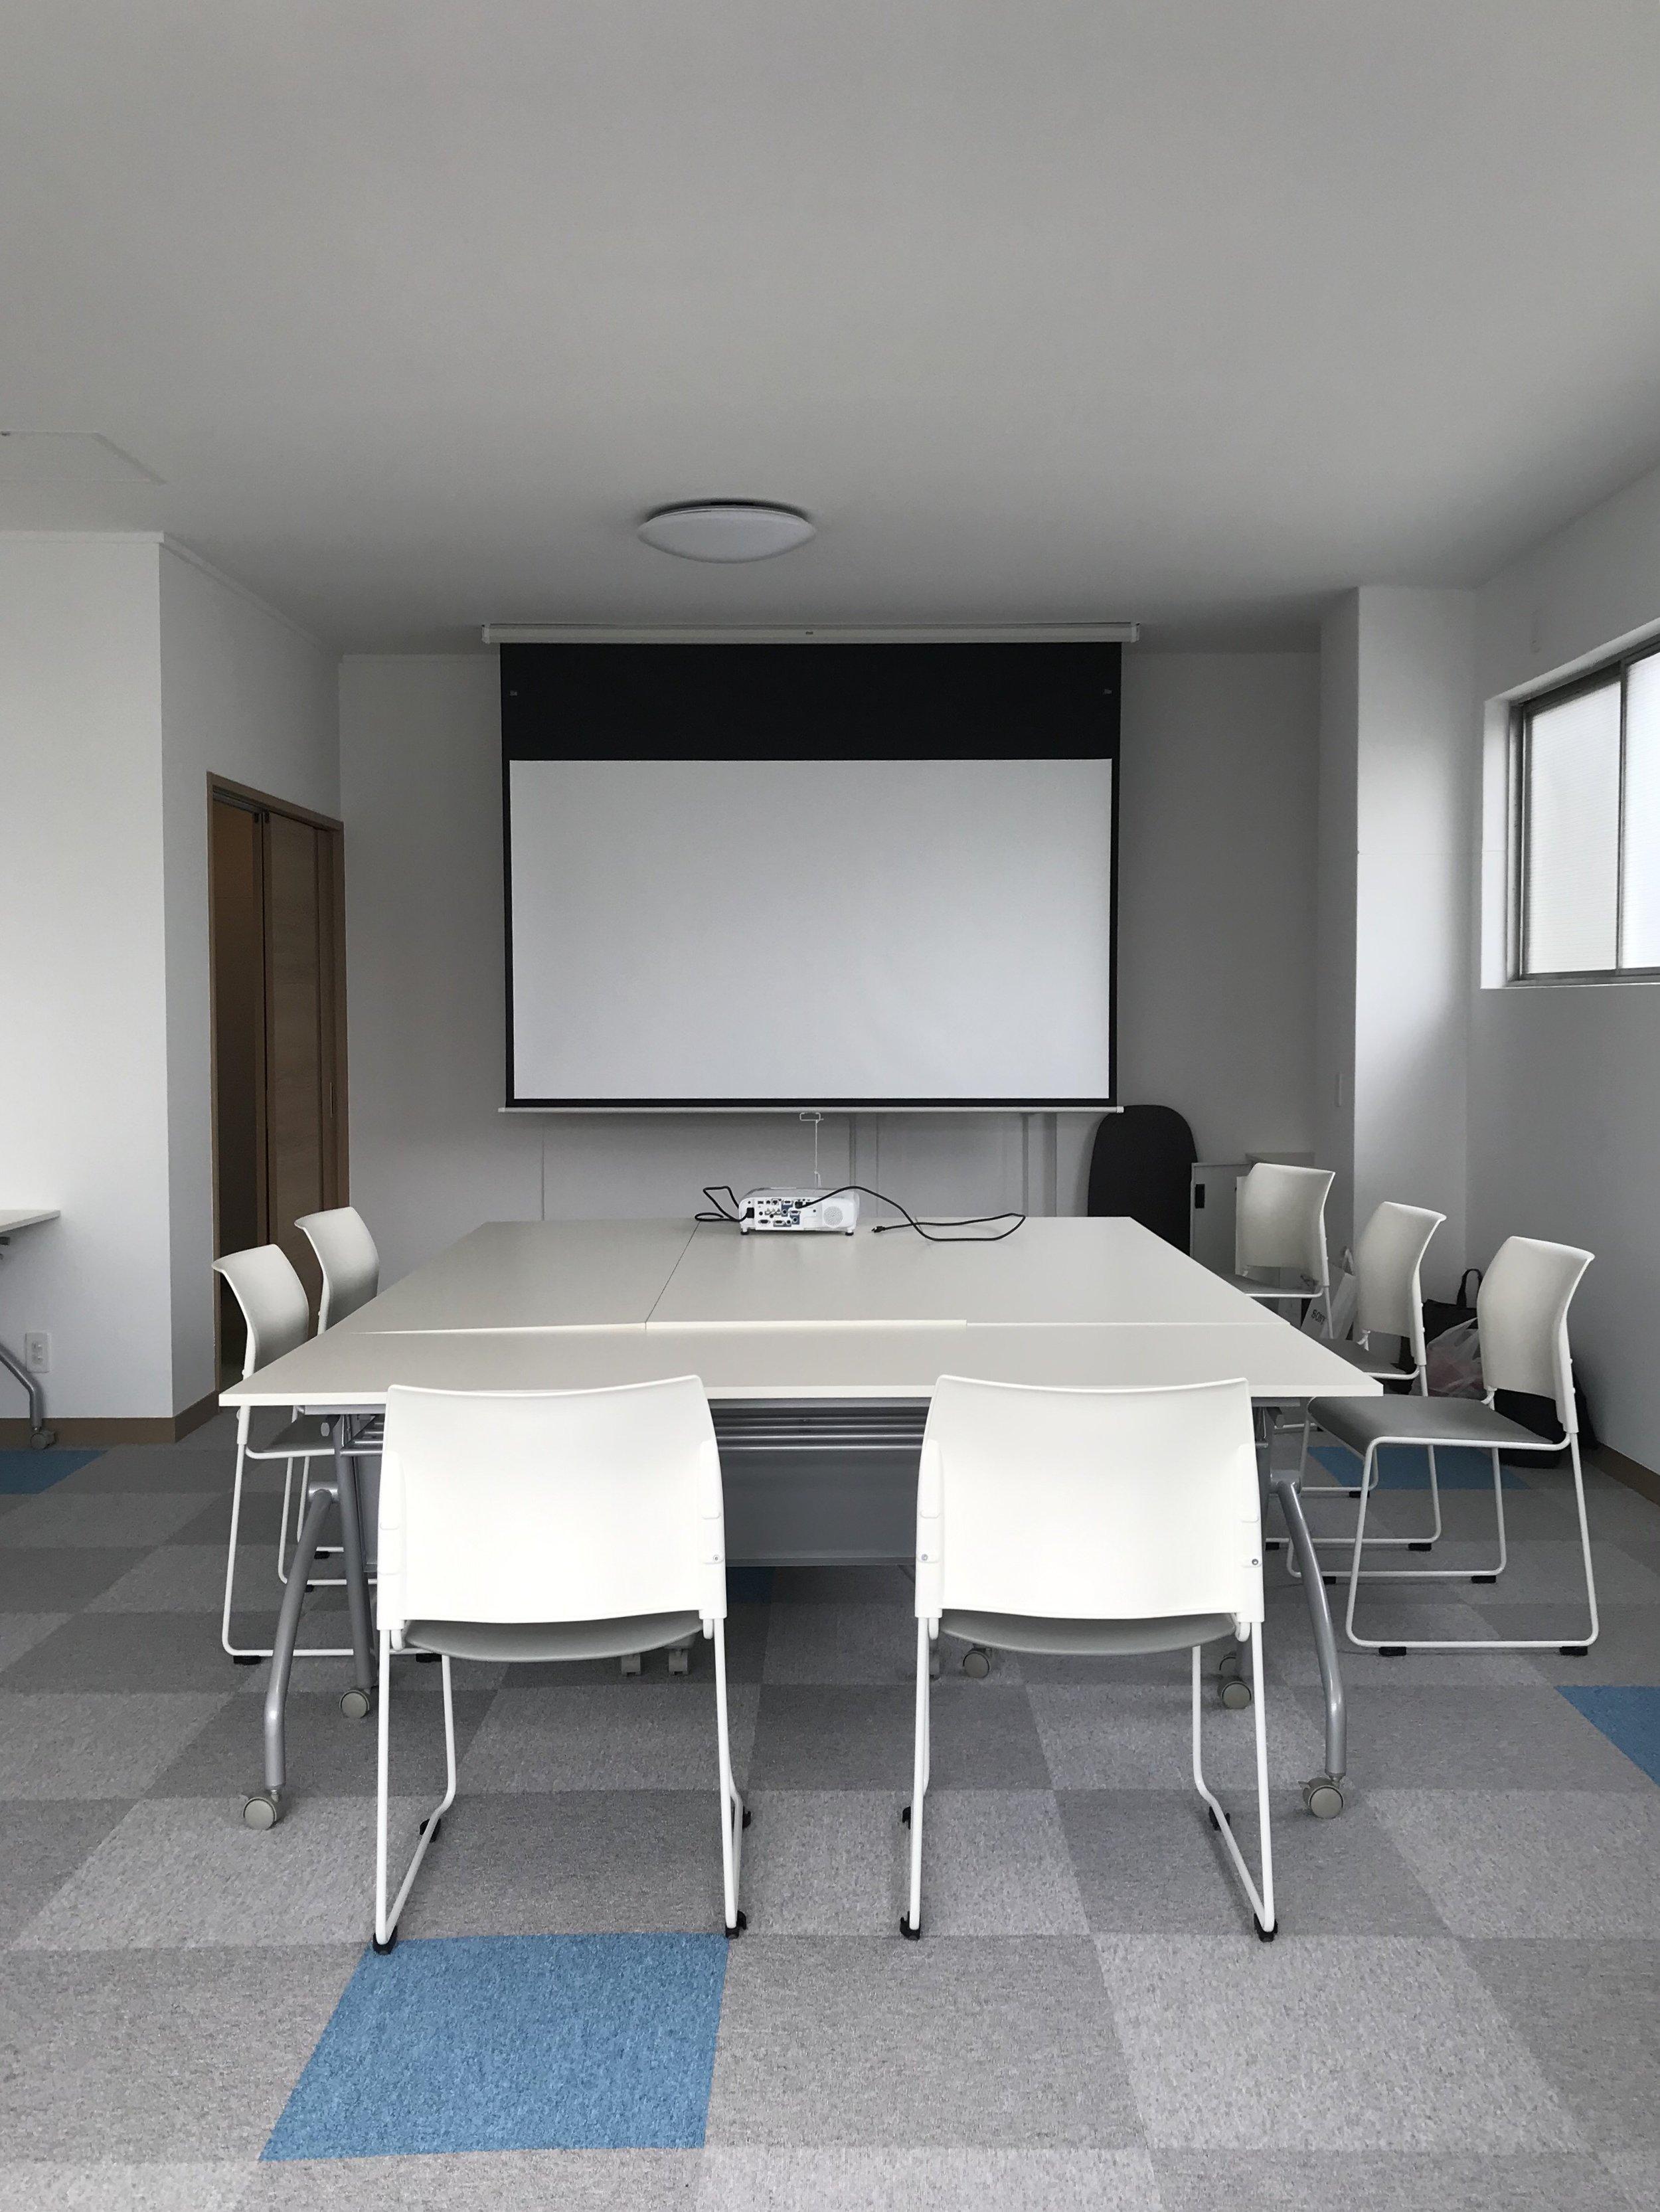 【2階会議室】ミーティングや小会議などのご利用も可能です。